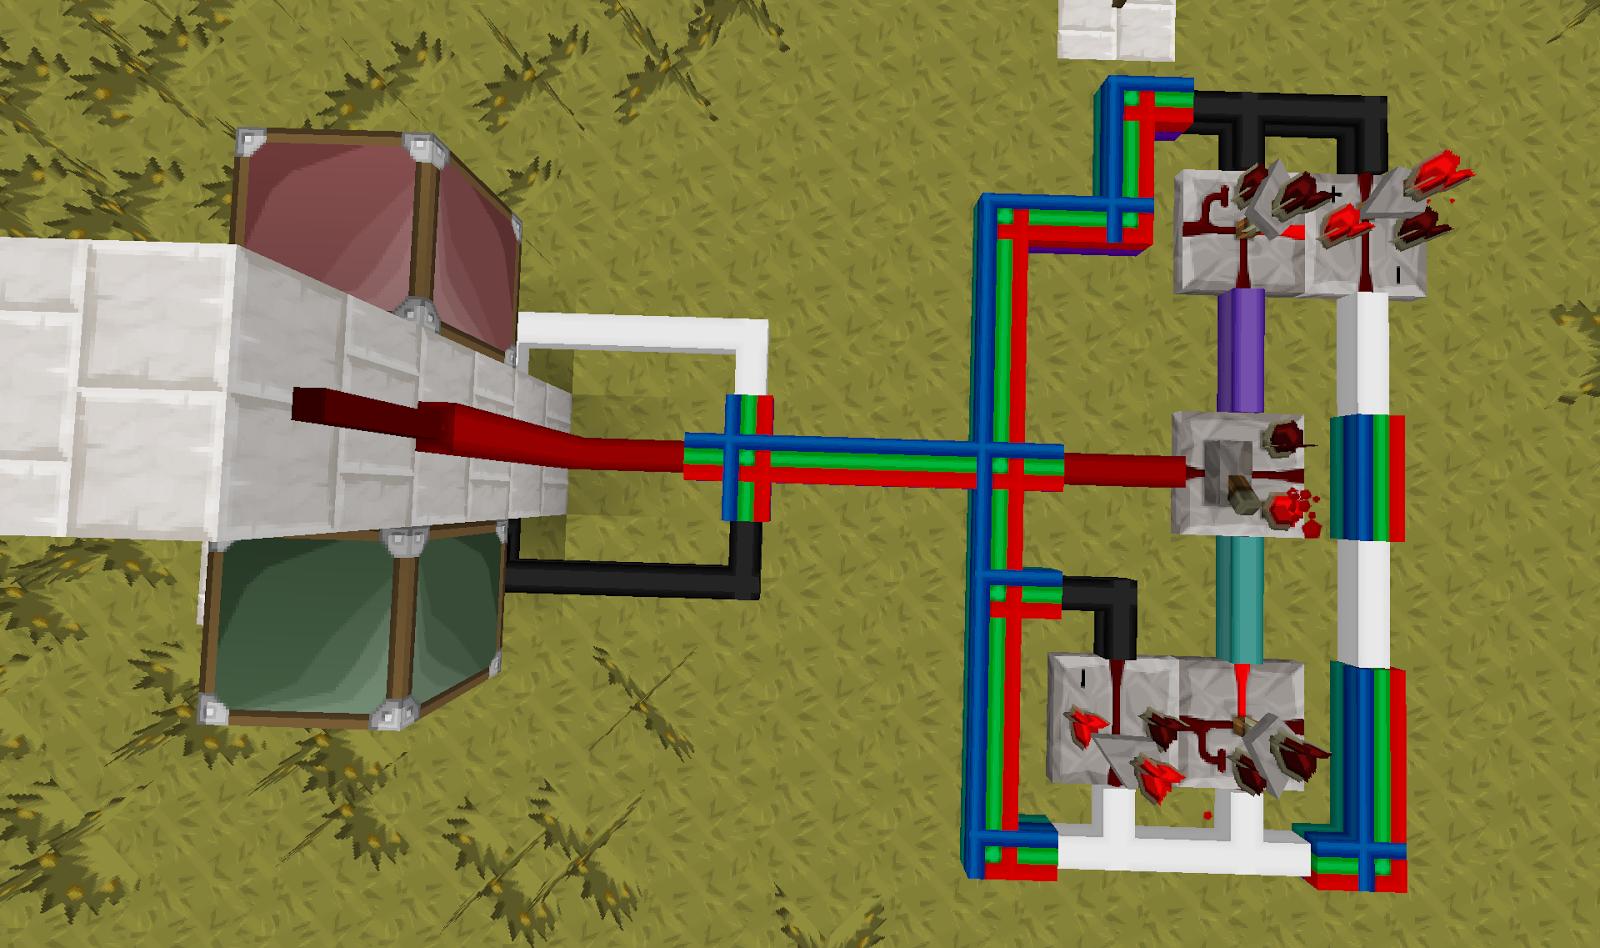 minecraft redstone signal